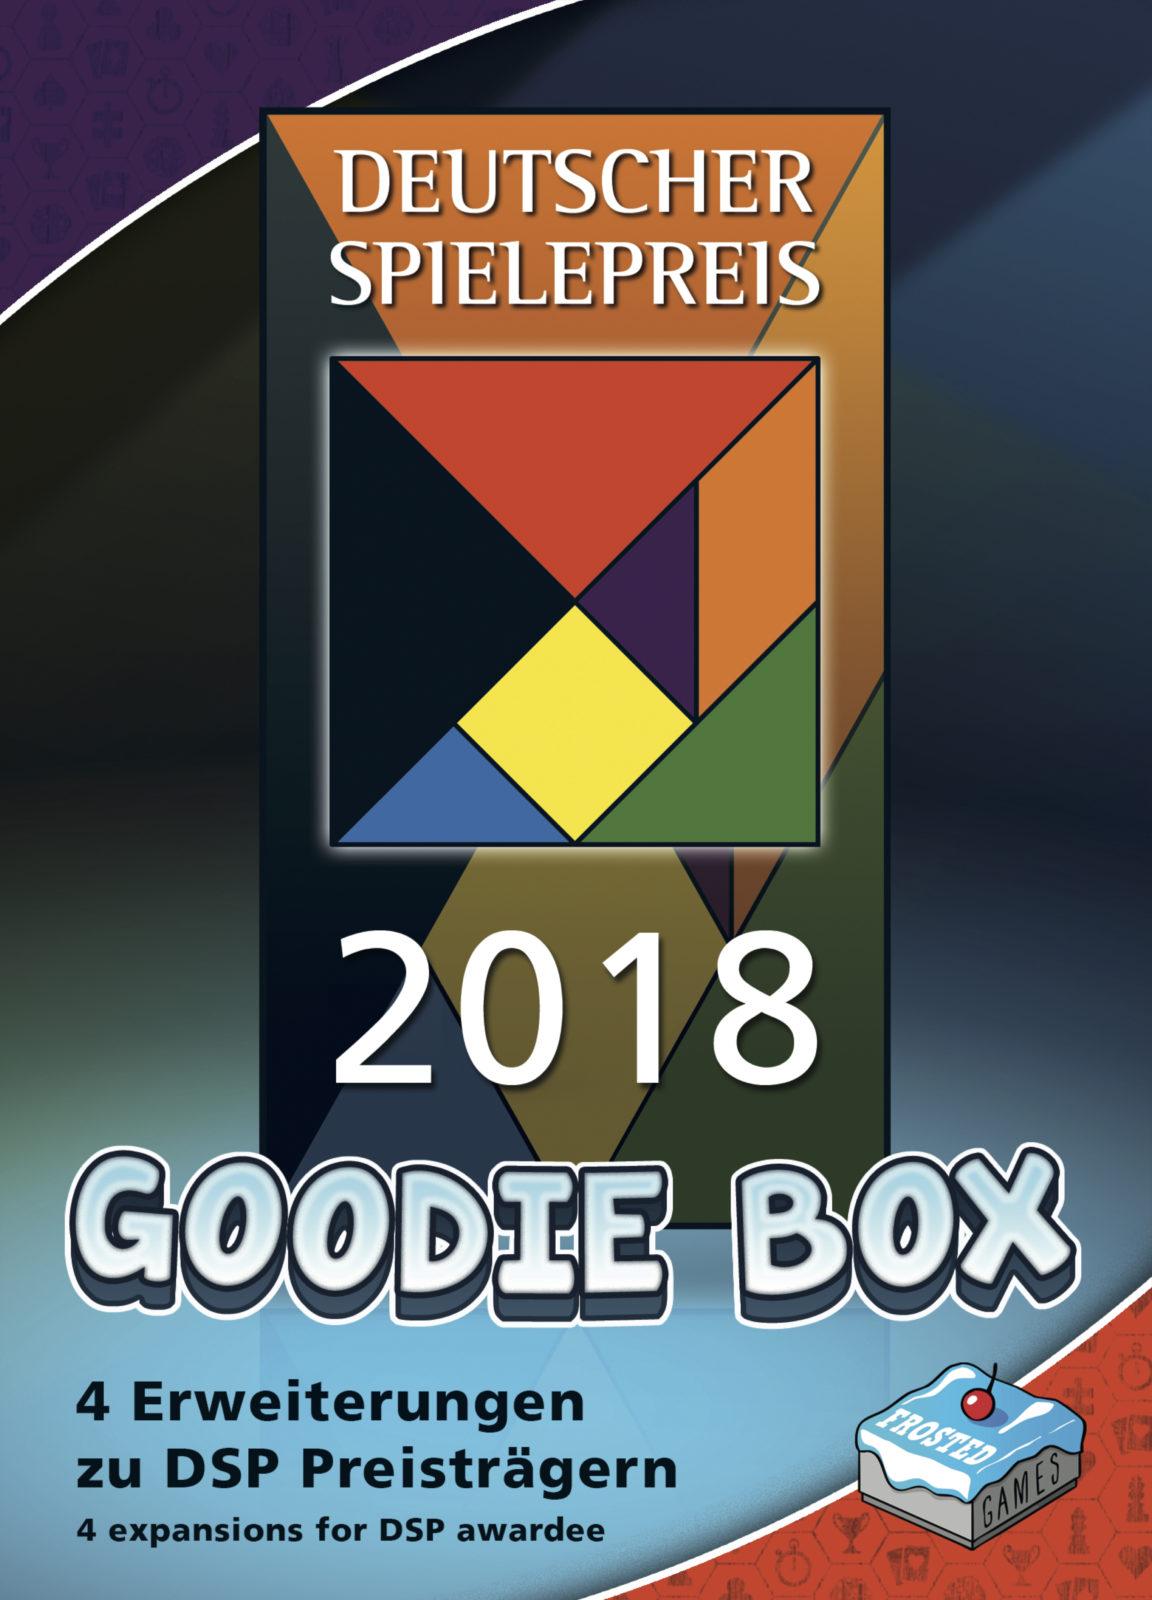 Deutscher Spielepreis 2016 Goodie-Box